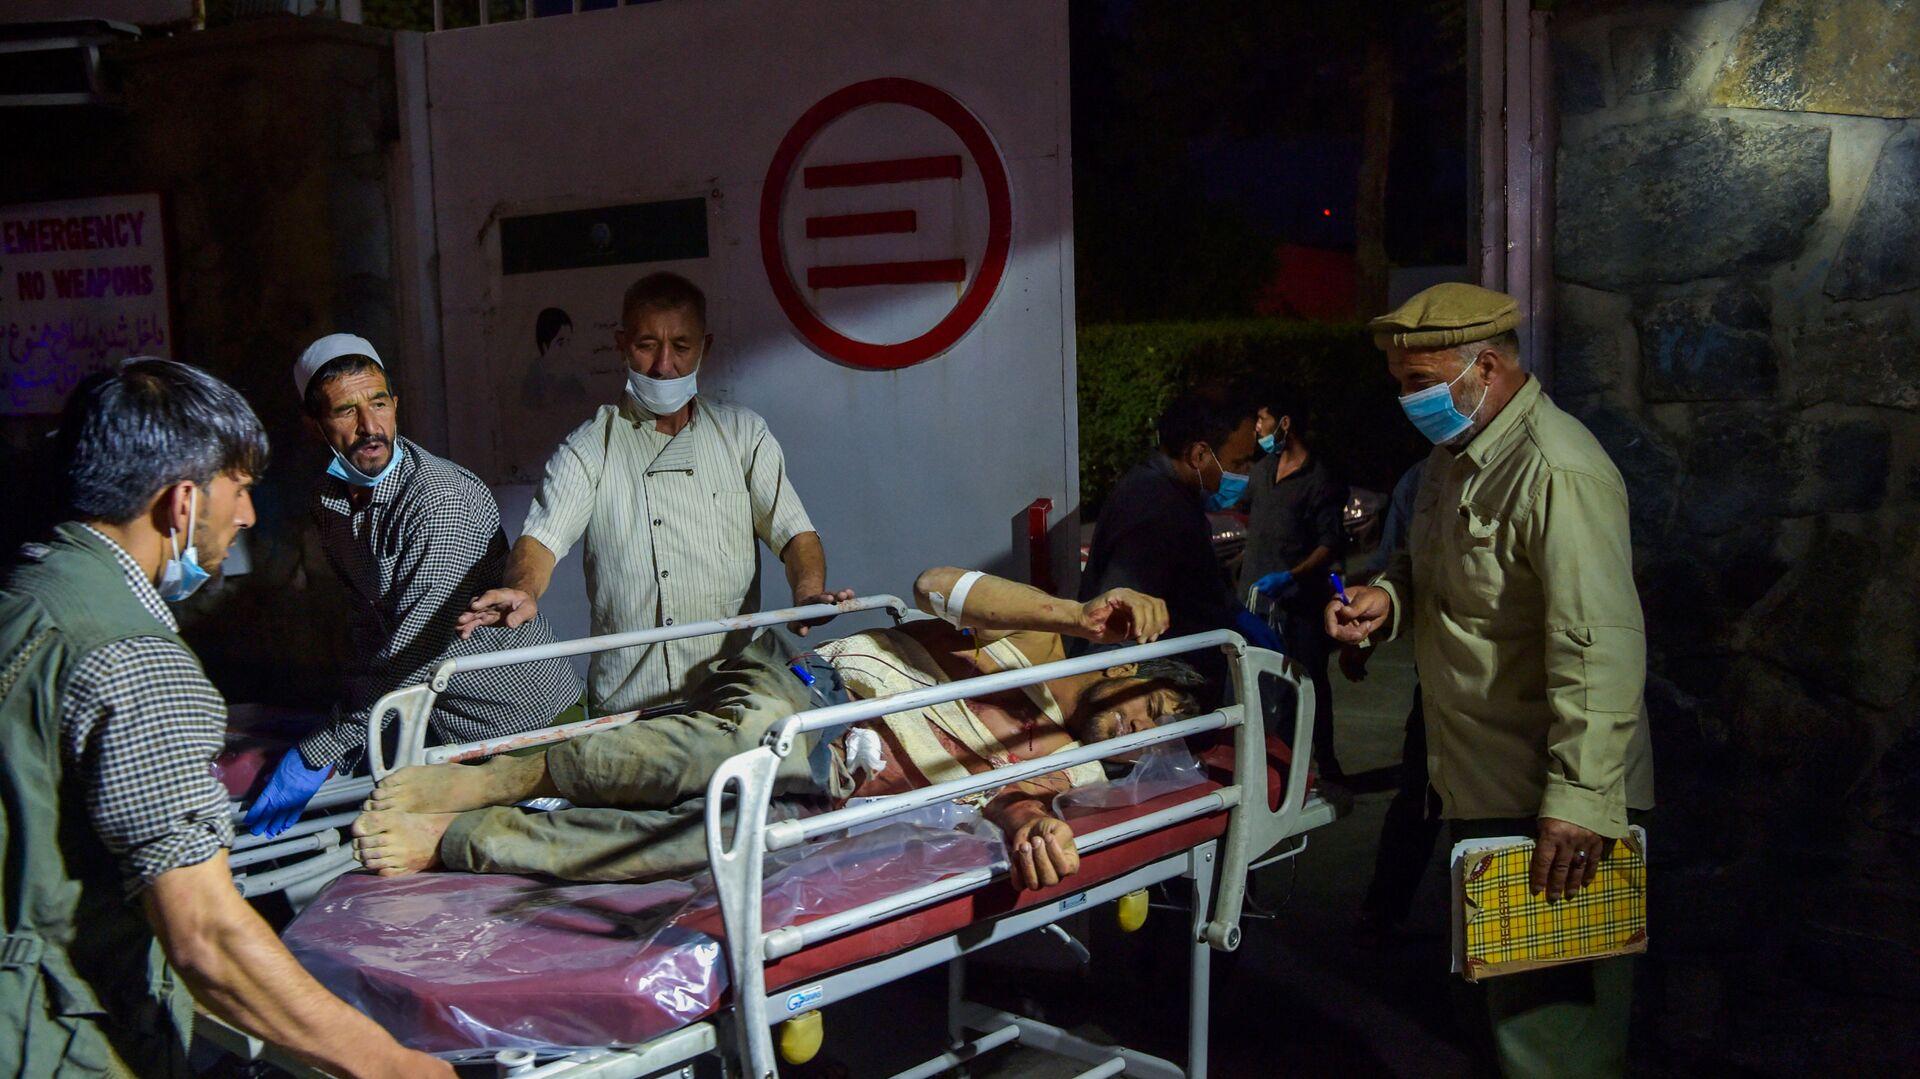 Медики помогают пострадавшим от двух мощных взрывов, произошедших в Кабуле - Sputnik Тоҷикистон, 1920, 03.10.2021